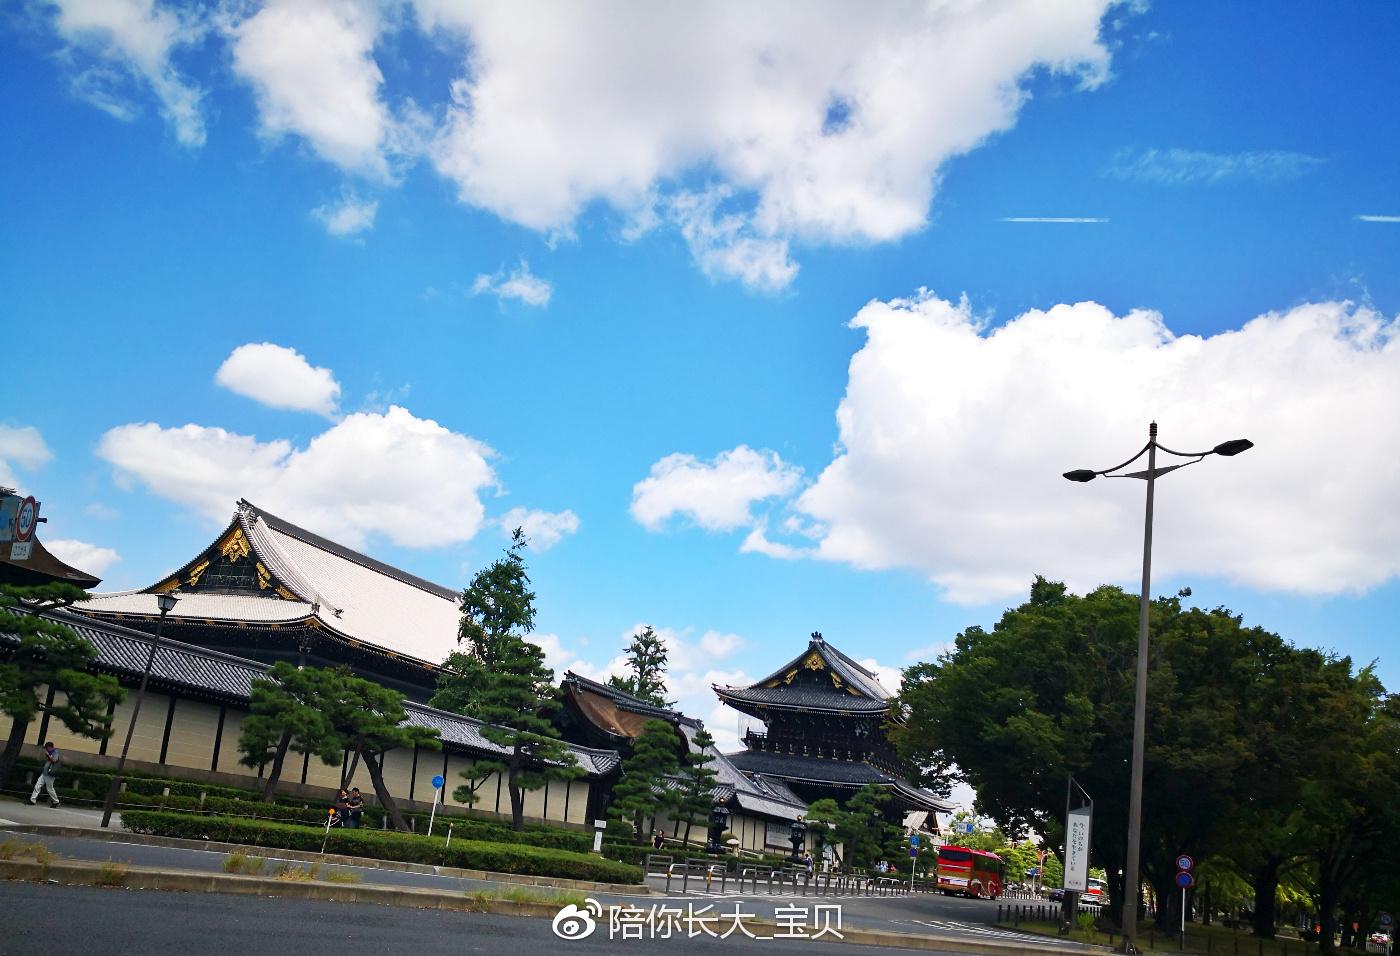 京都亲子两日游,陪你看世界